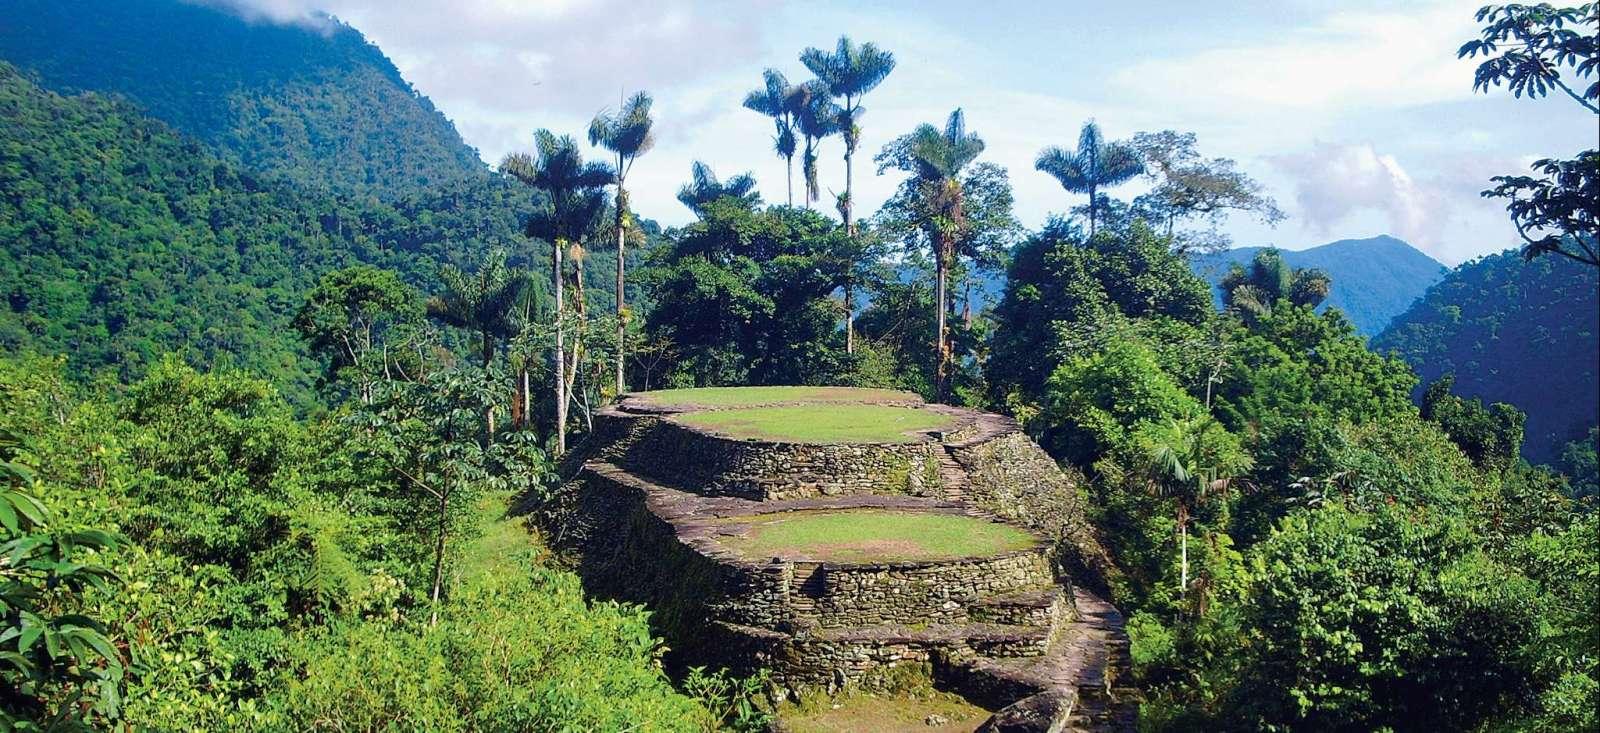 Voyage à pied : Les mystères de la Ciudad Perdida